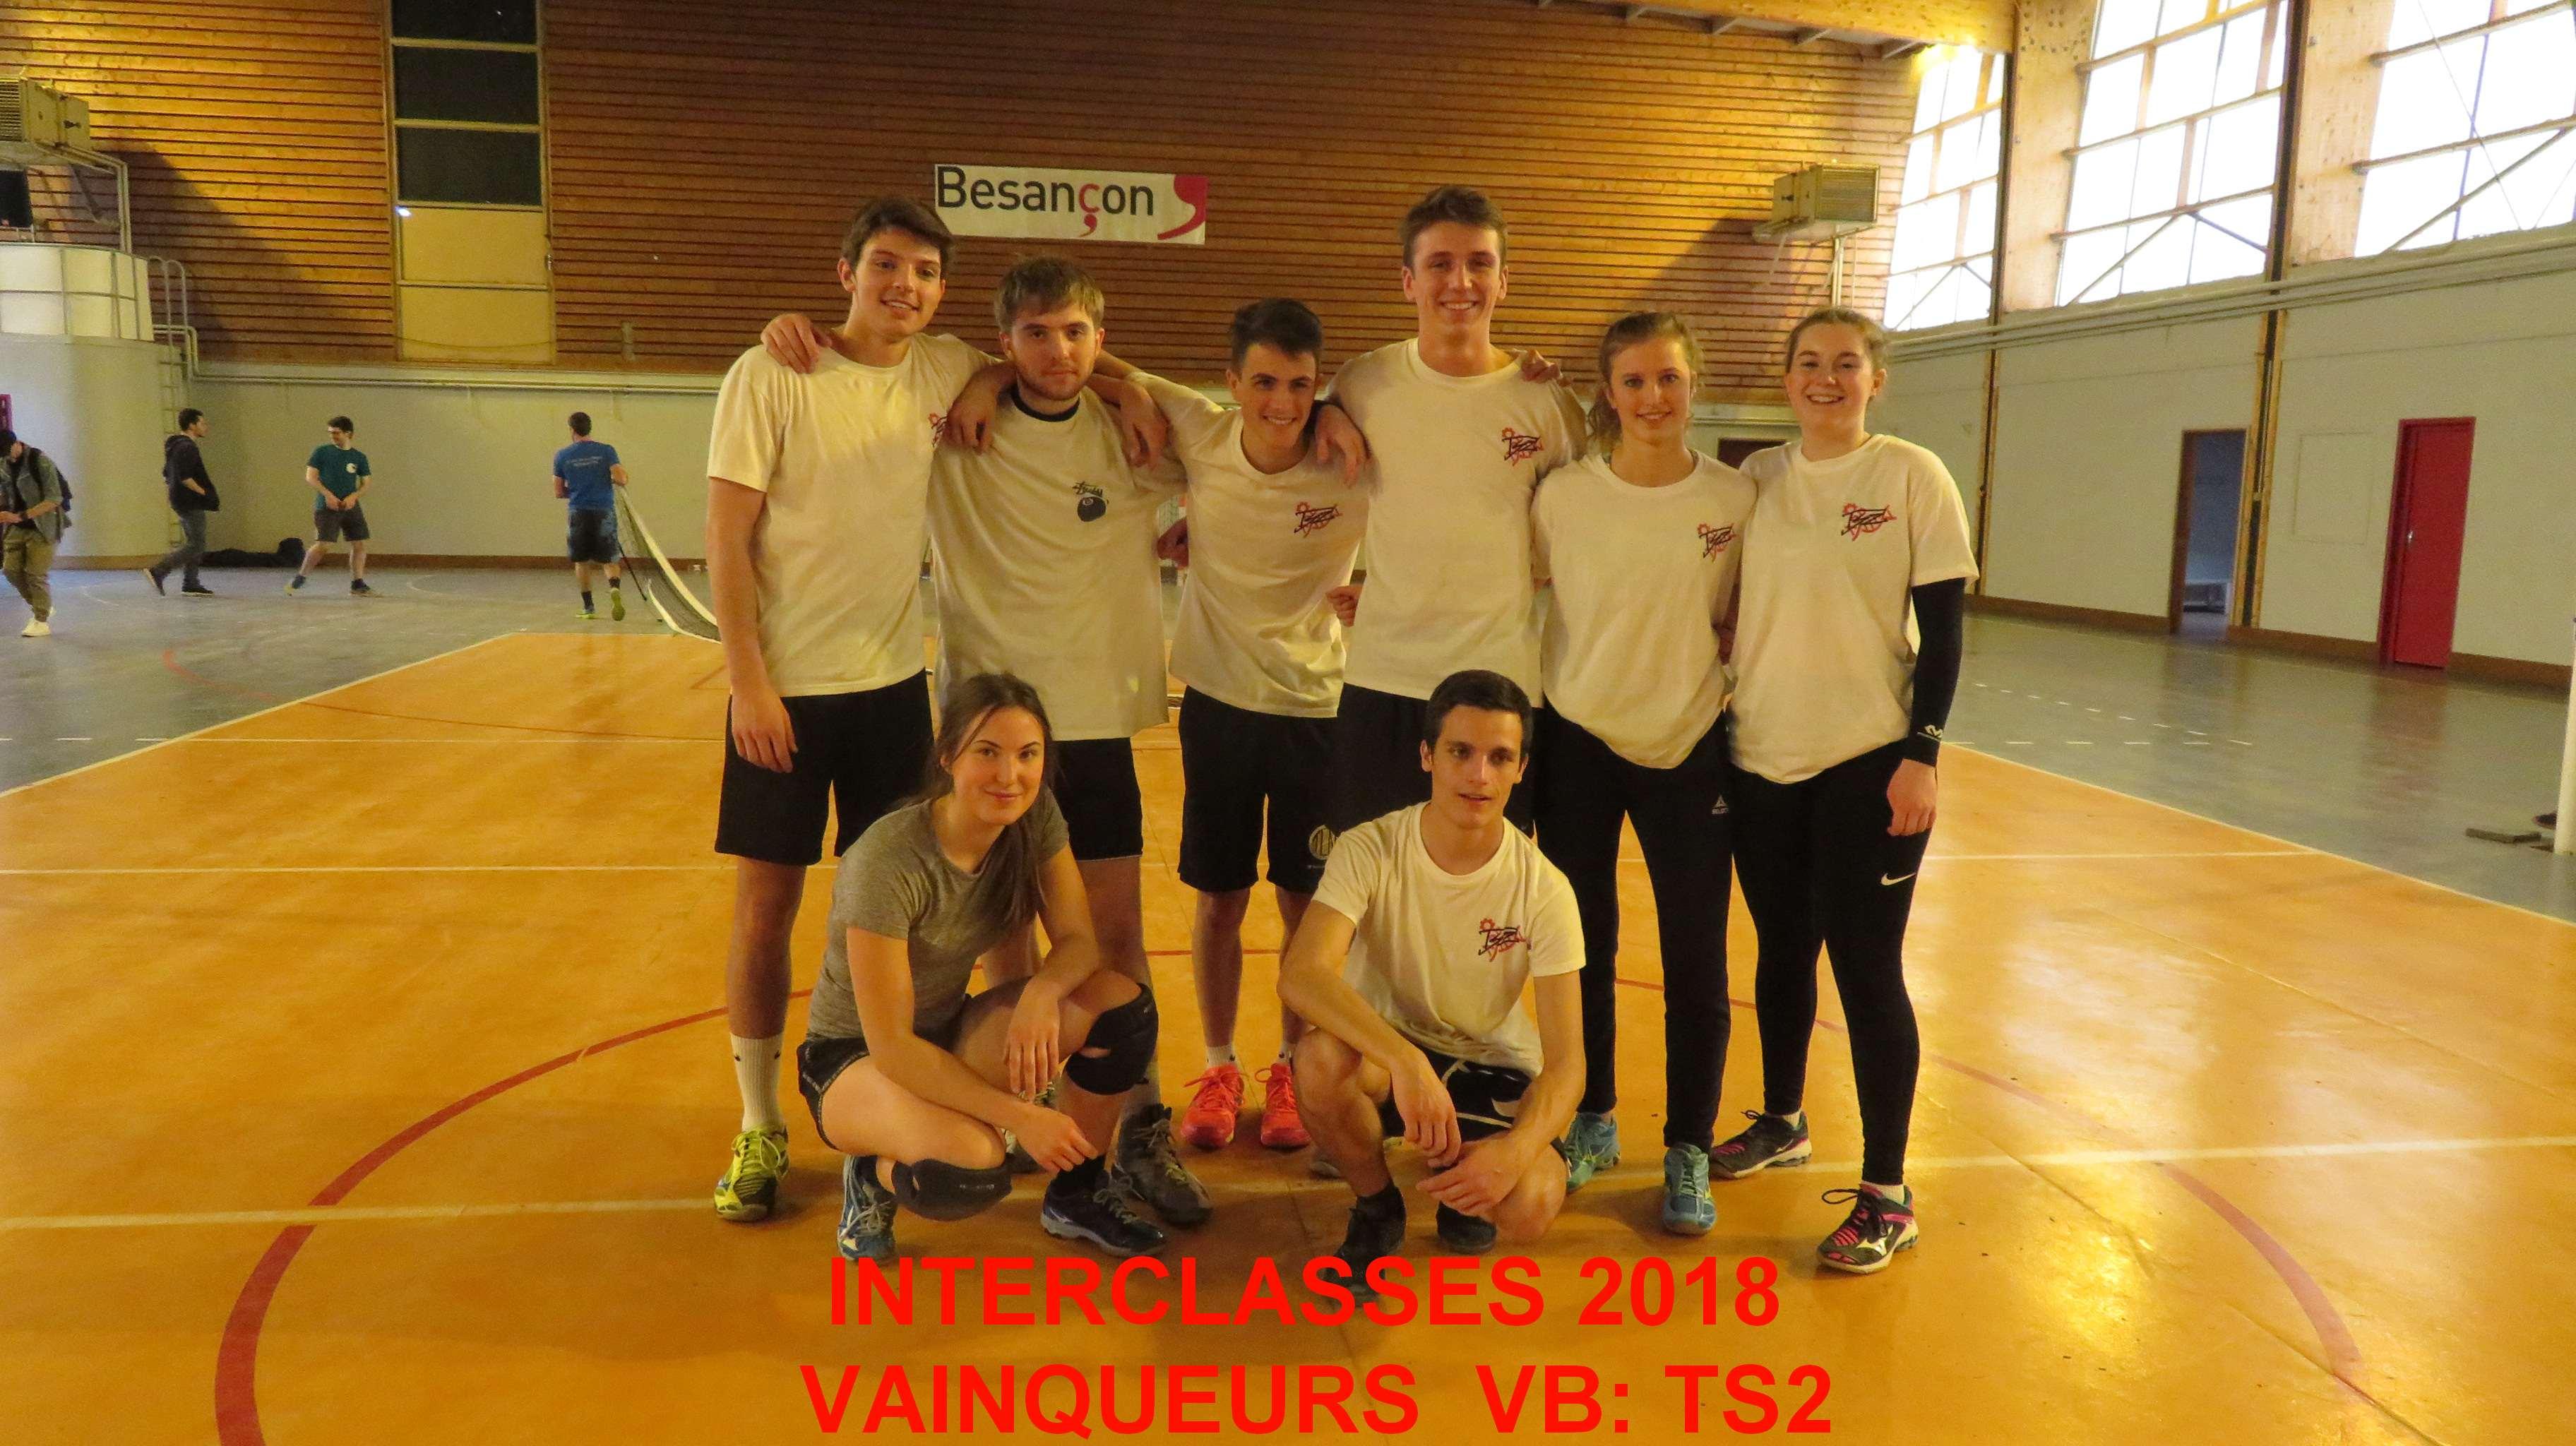 Vainqueurs VB TS2